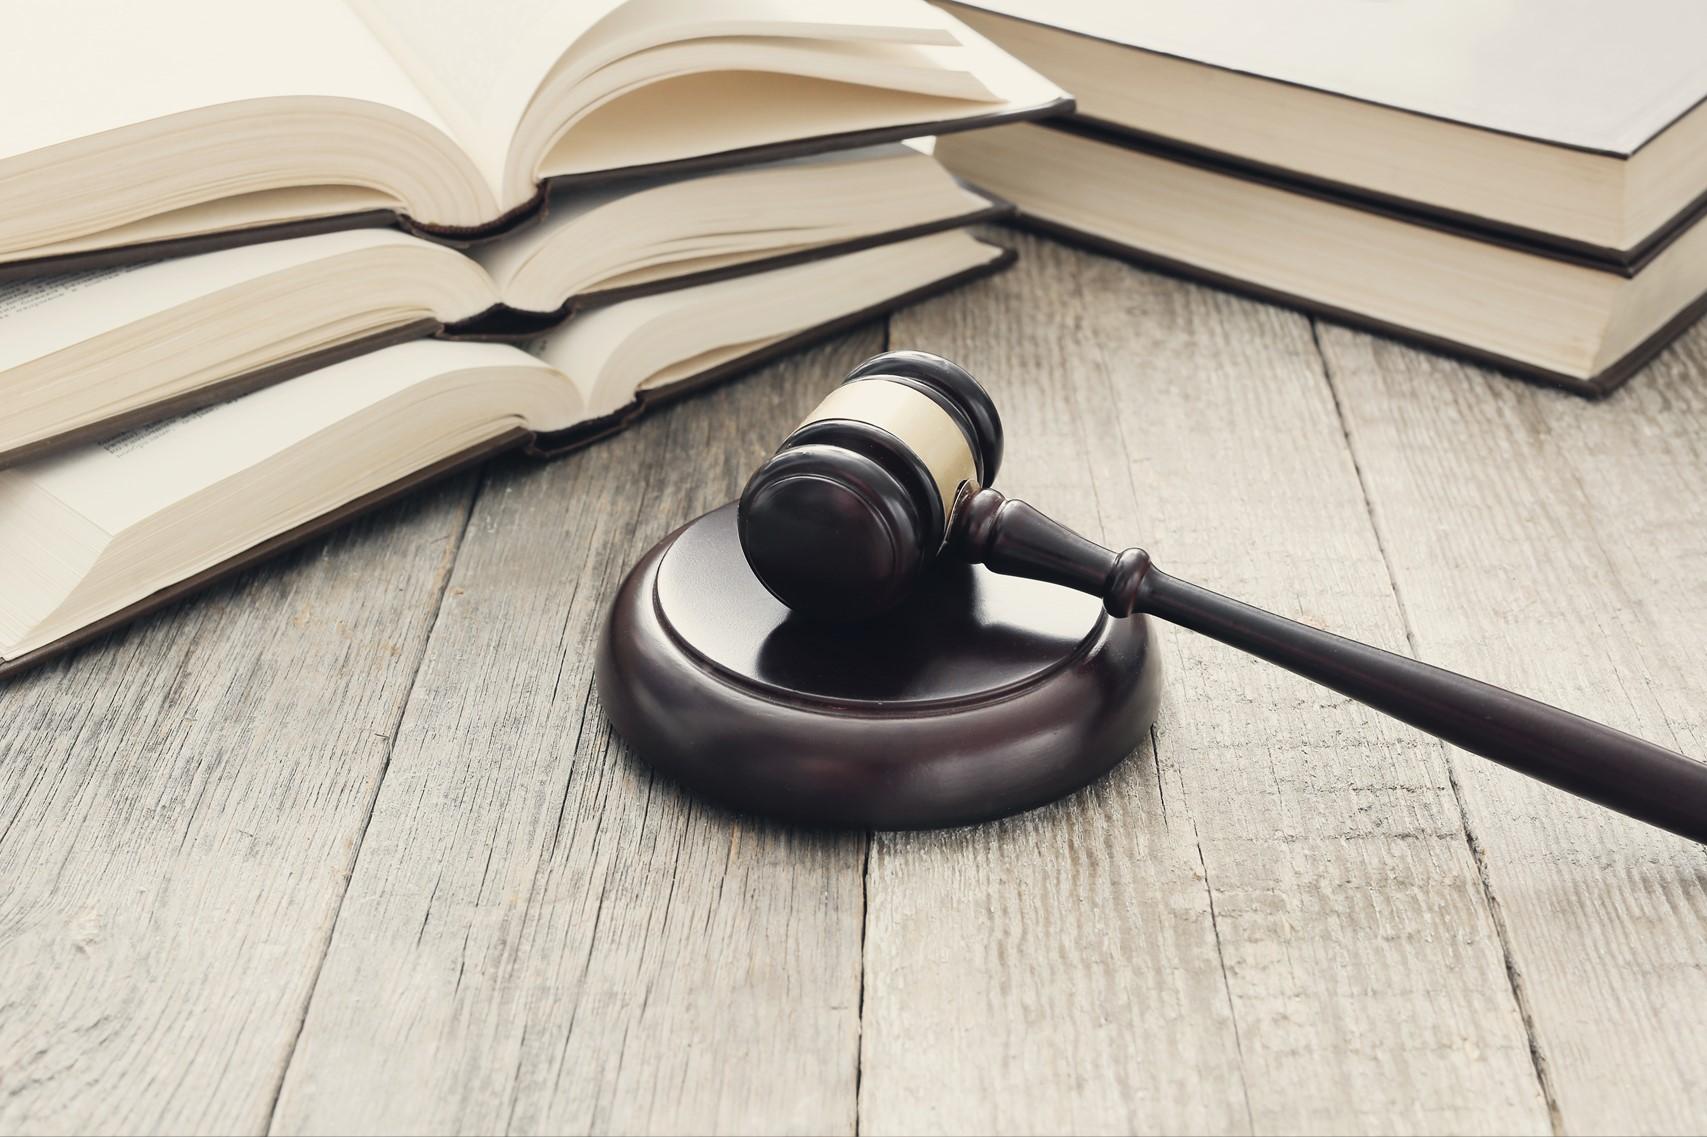 leggi e impari toscano